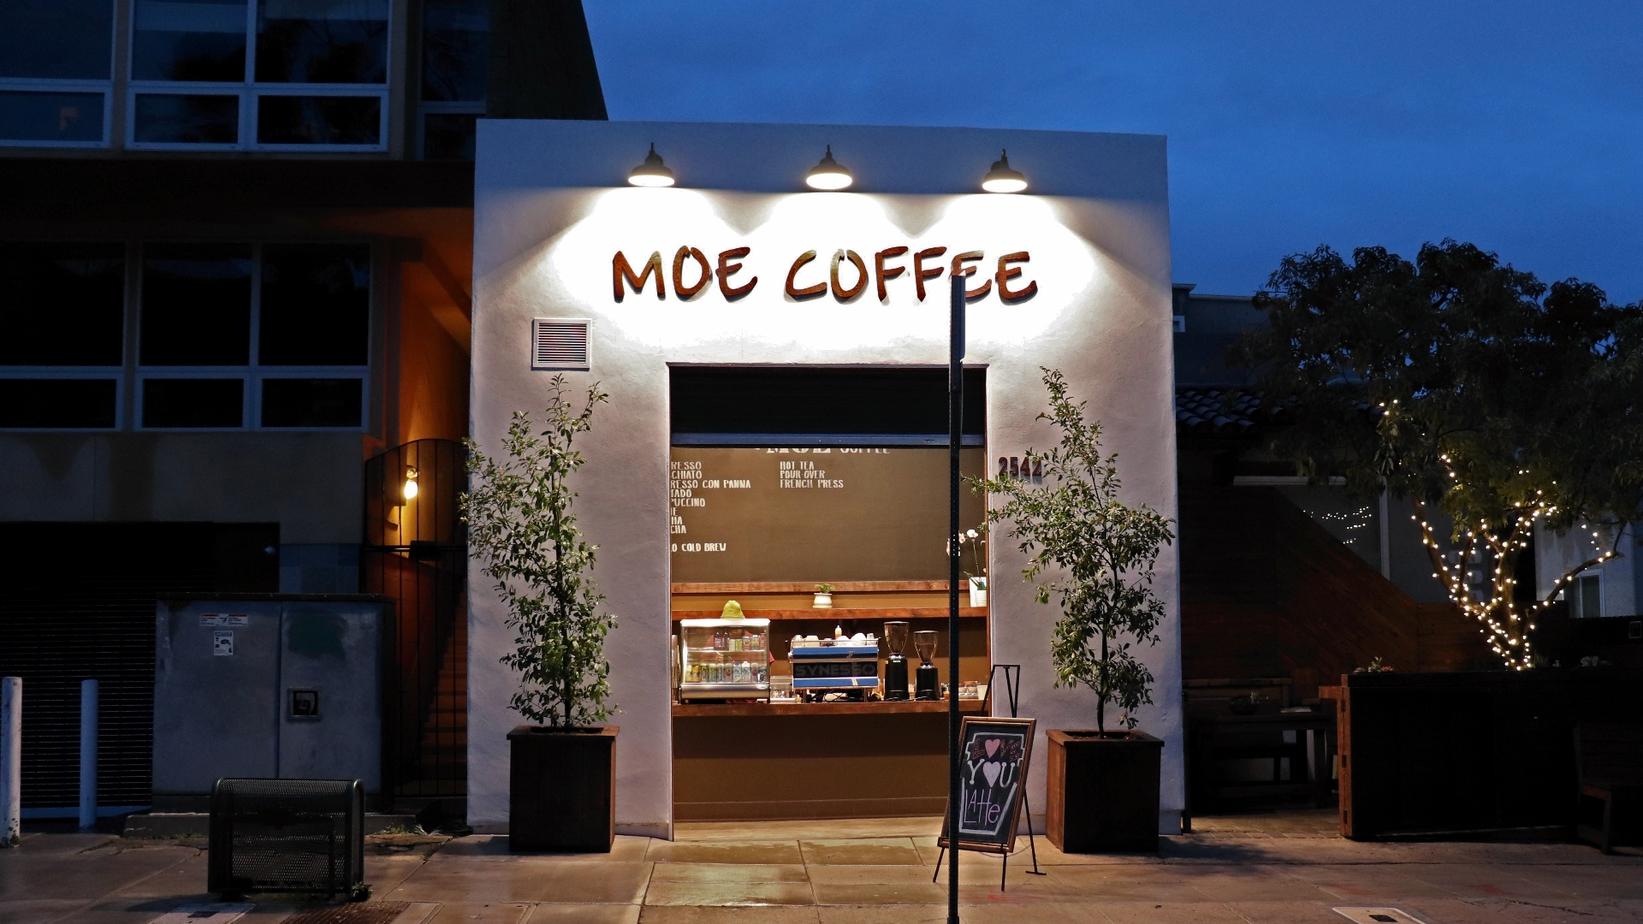 Moe Coffee - Best Coffee Shop in San Diego Little Italy